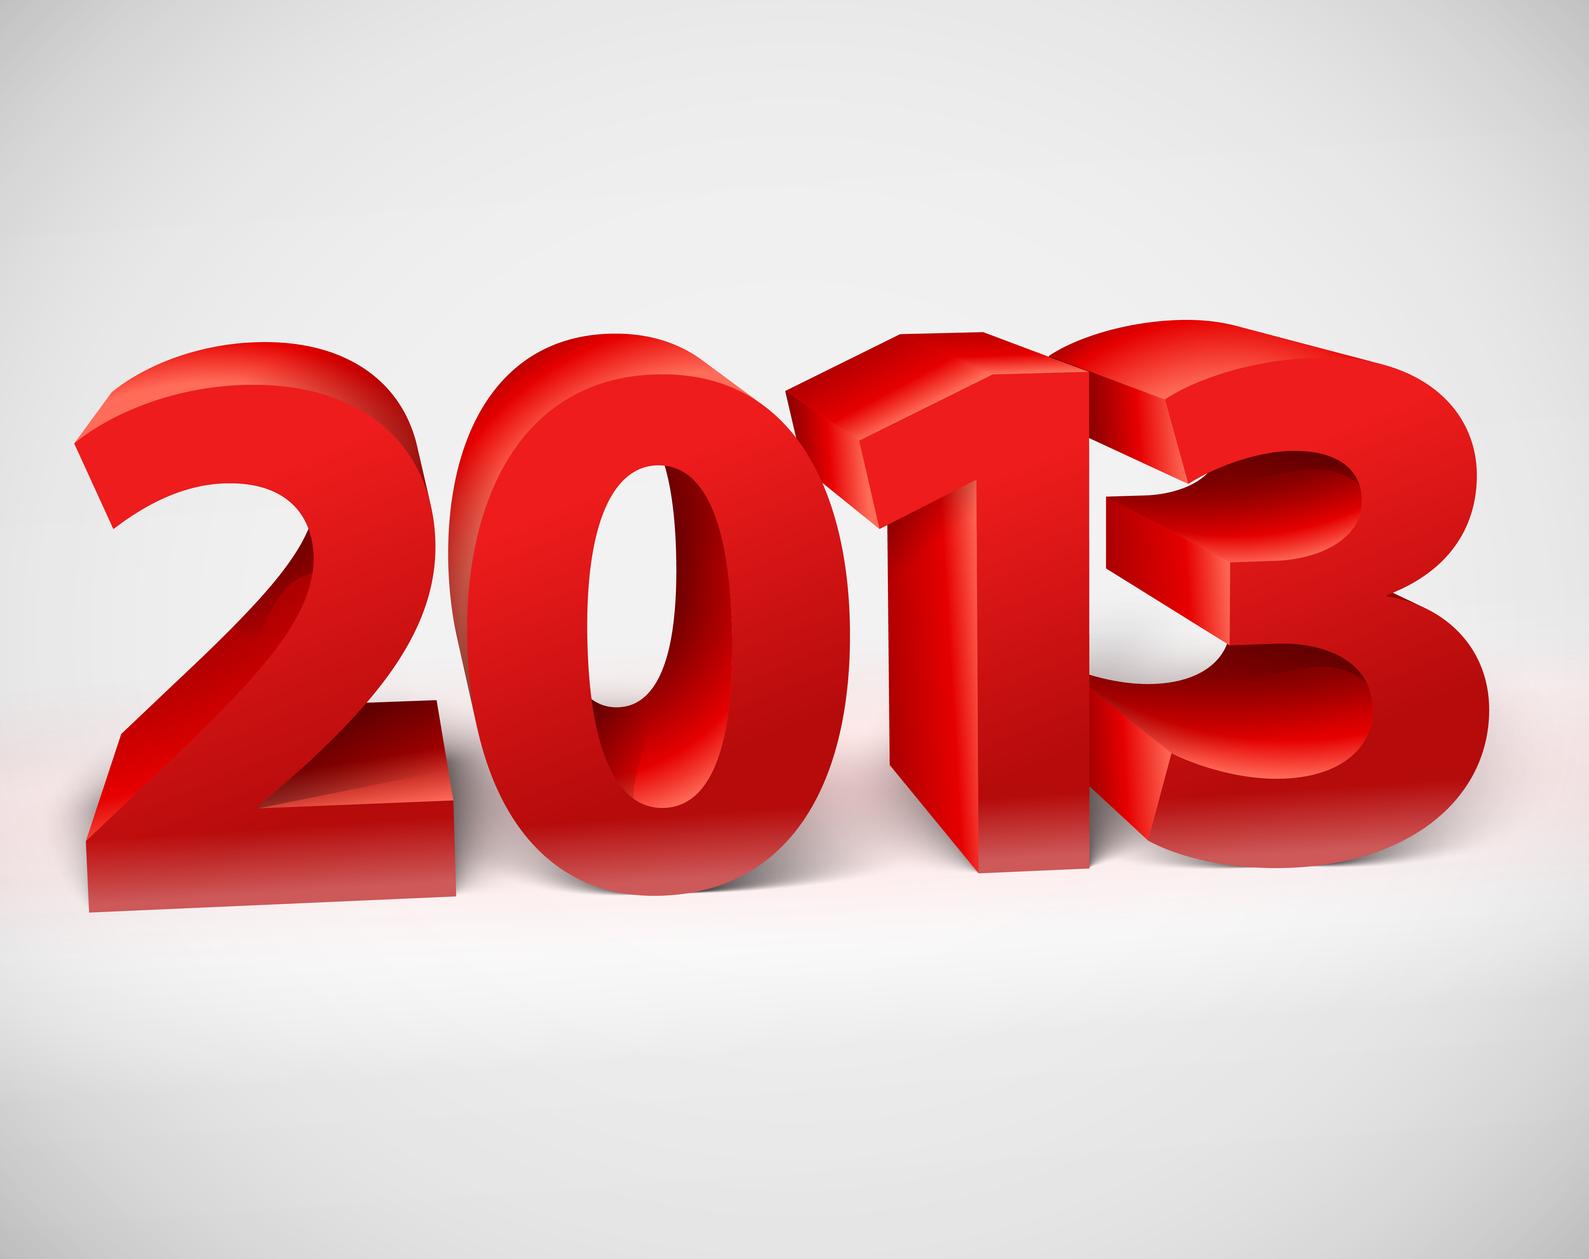 Новий 2013 рік, пізнання себе